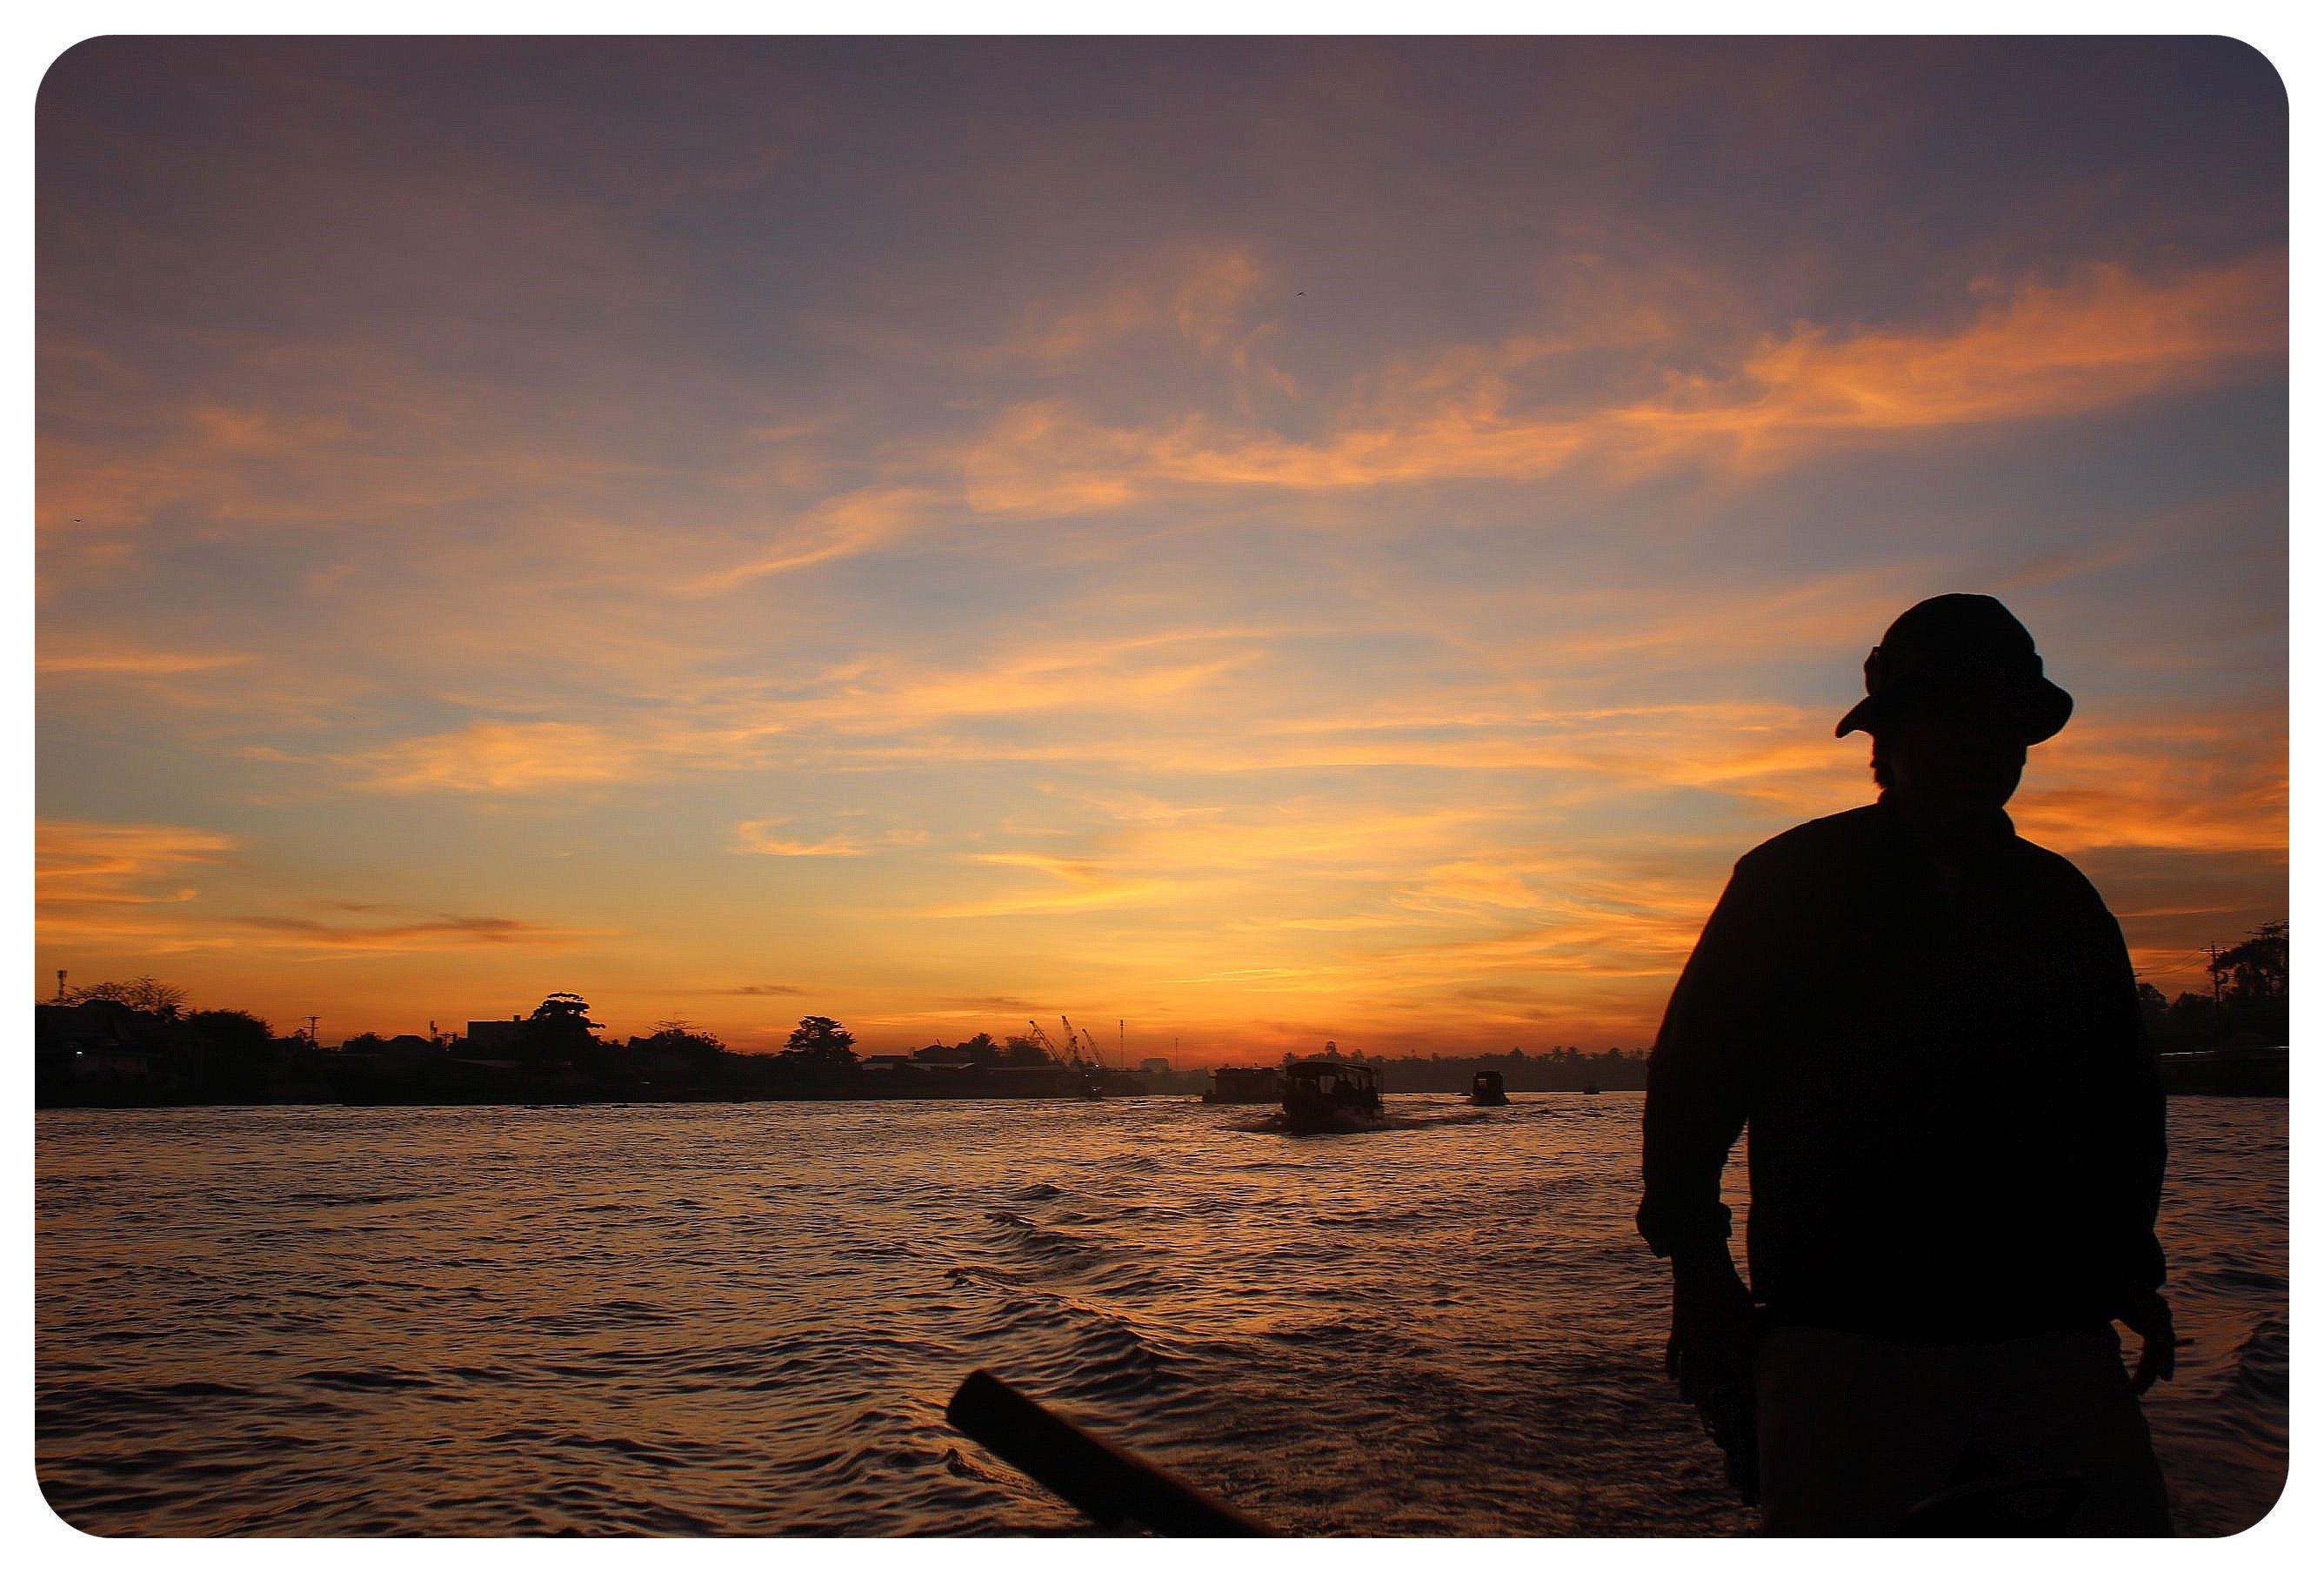 mekong delta sunrise2